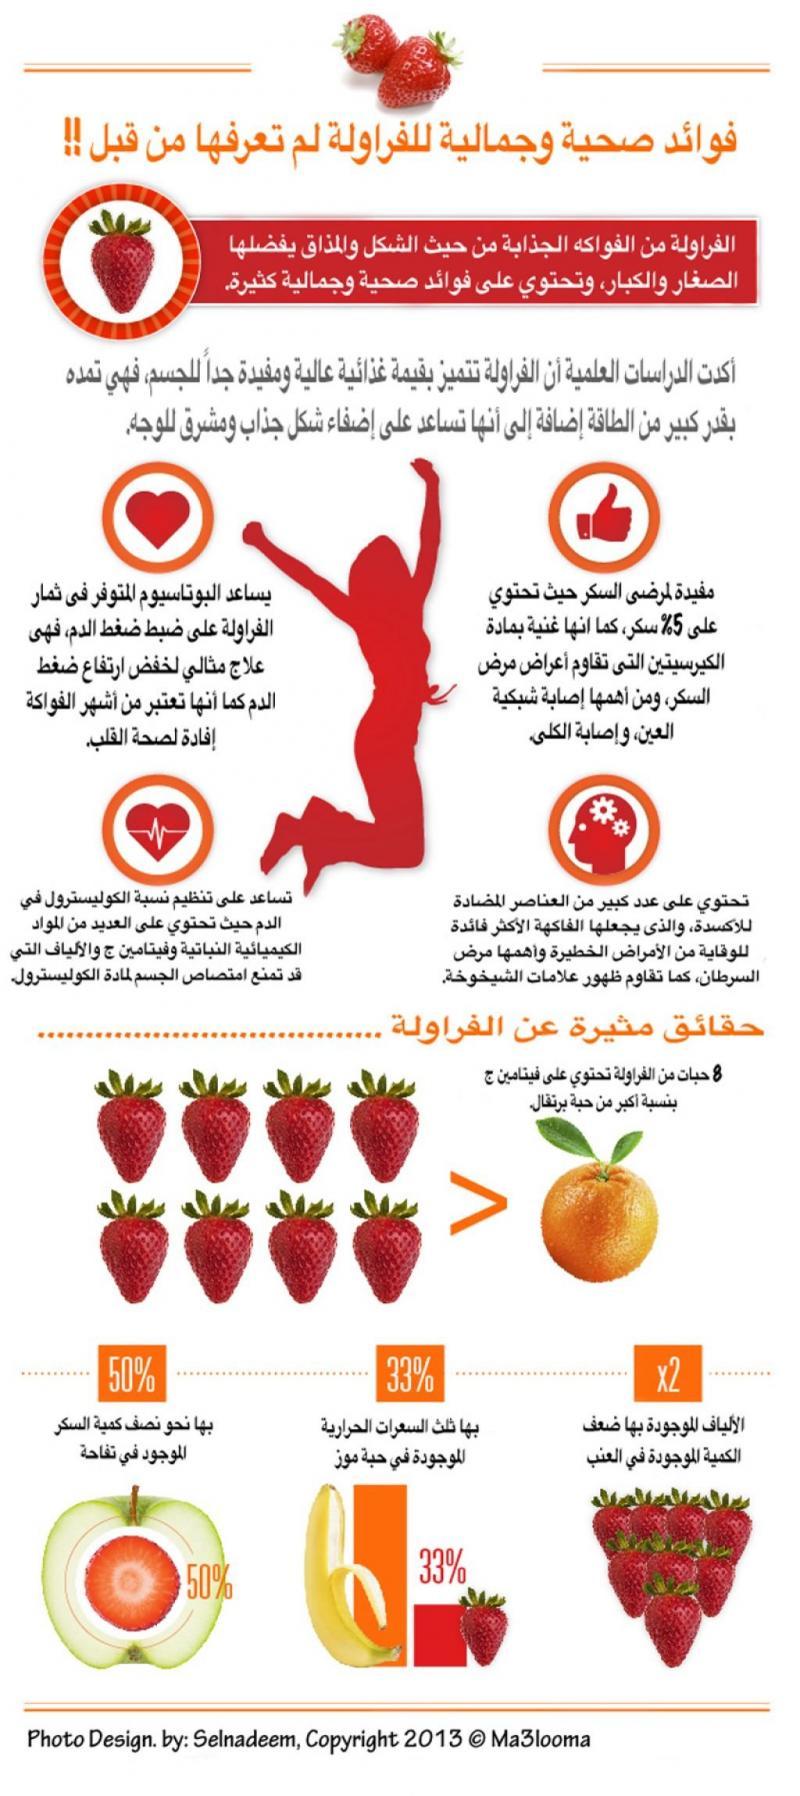 فوائد صحية وجمالية للفراولة #صحة #تخسيس #انفوجرافيك #انفوجرافيك_عربي